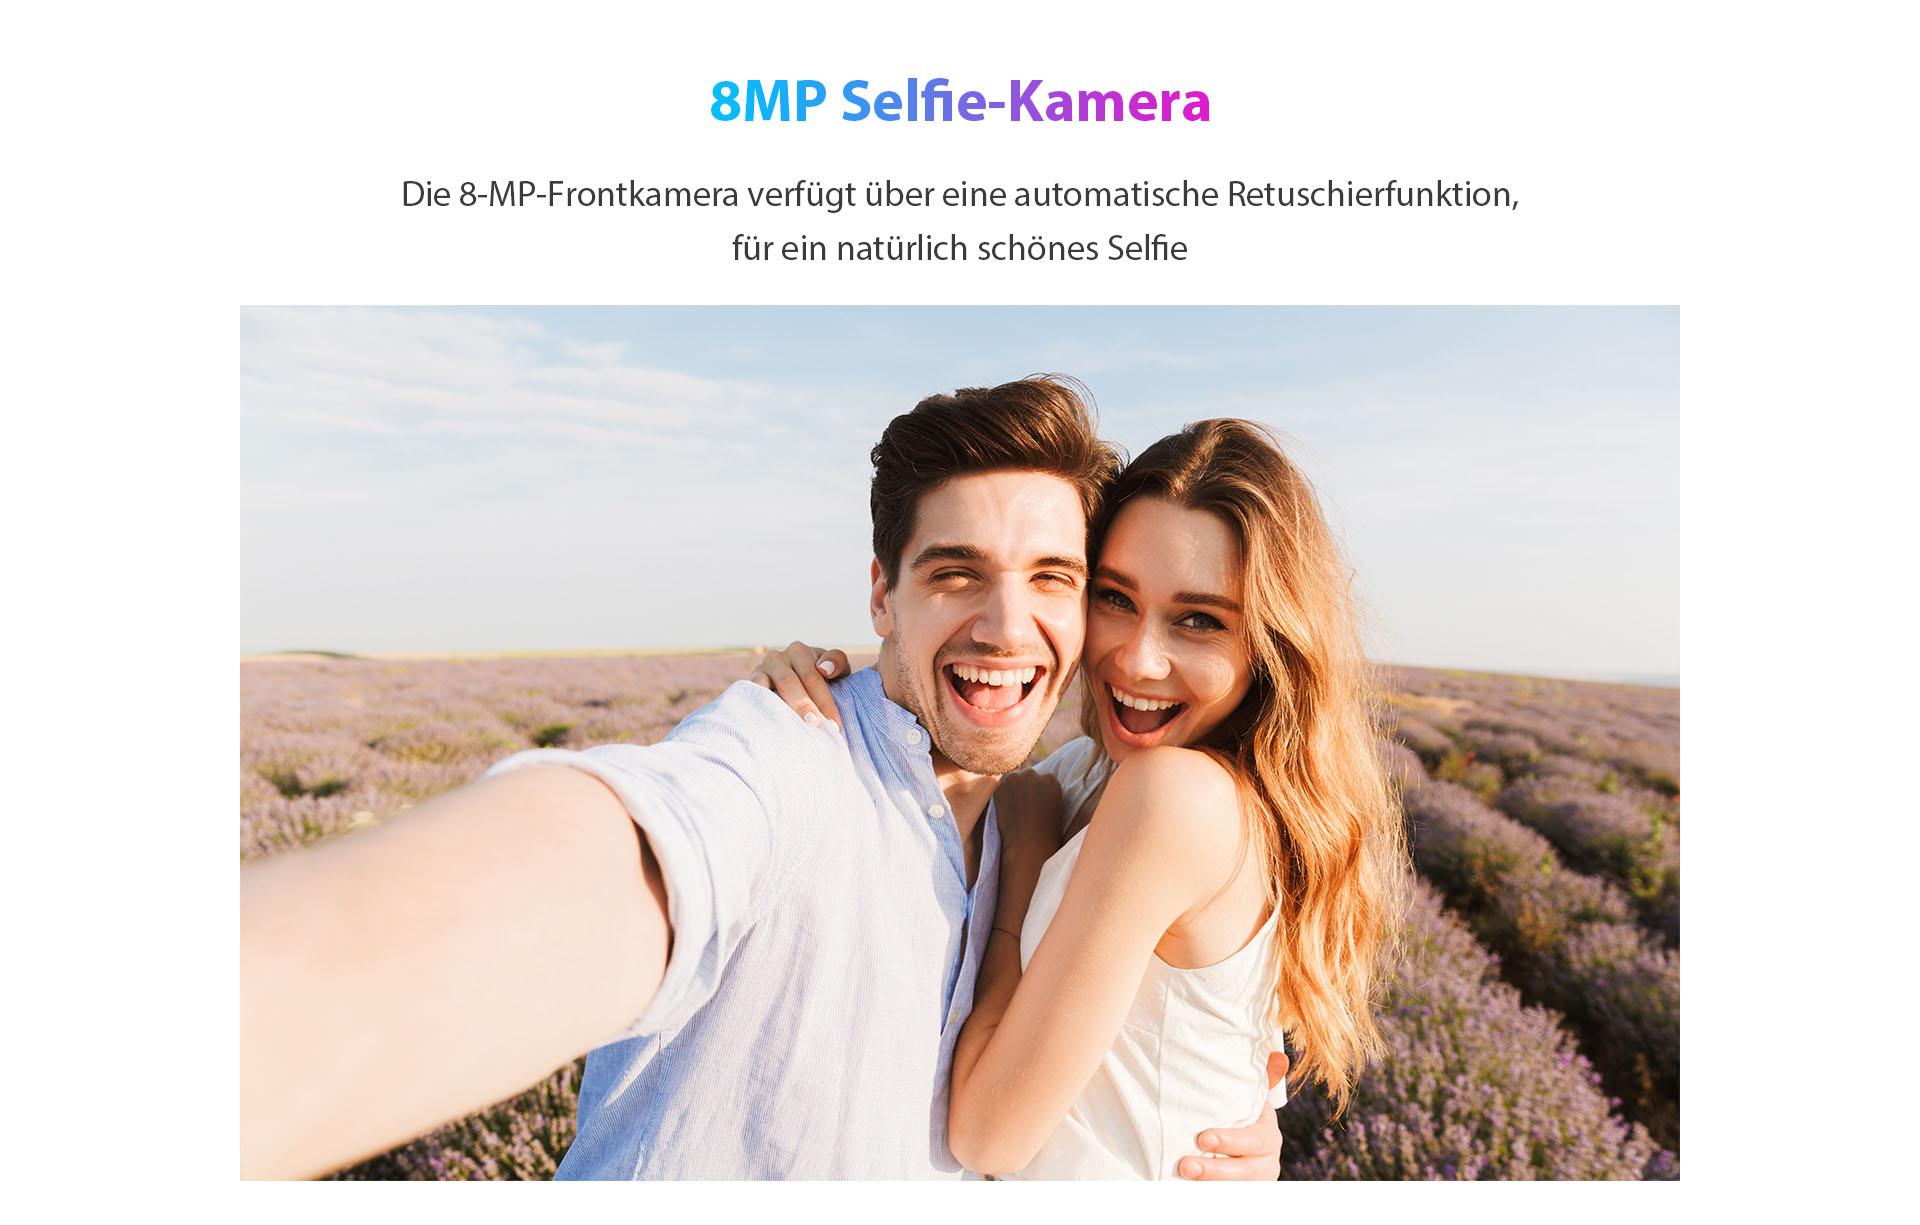 ZTE V30 Vita mit 8MP Selfie-Kamera - Die 8-MP-Frontkamera verfügt über eine automatische Retuschierfunktion für ein natürlich schönes Selfie.